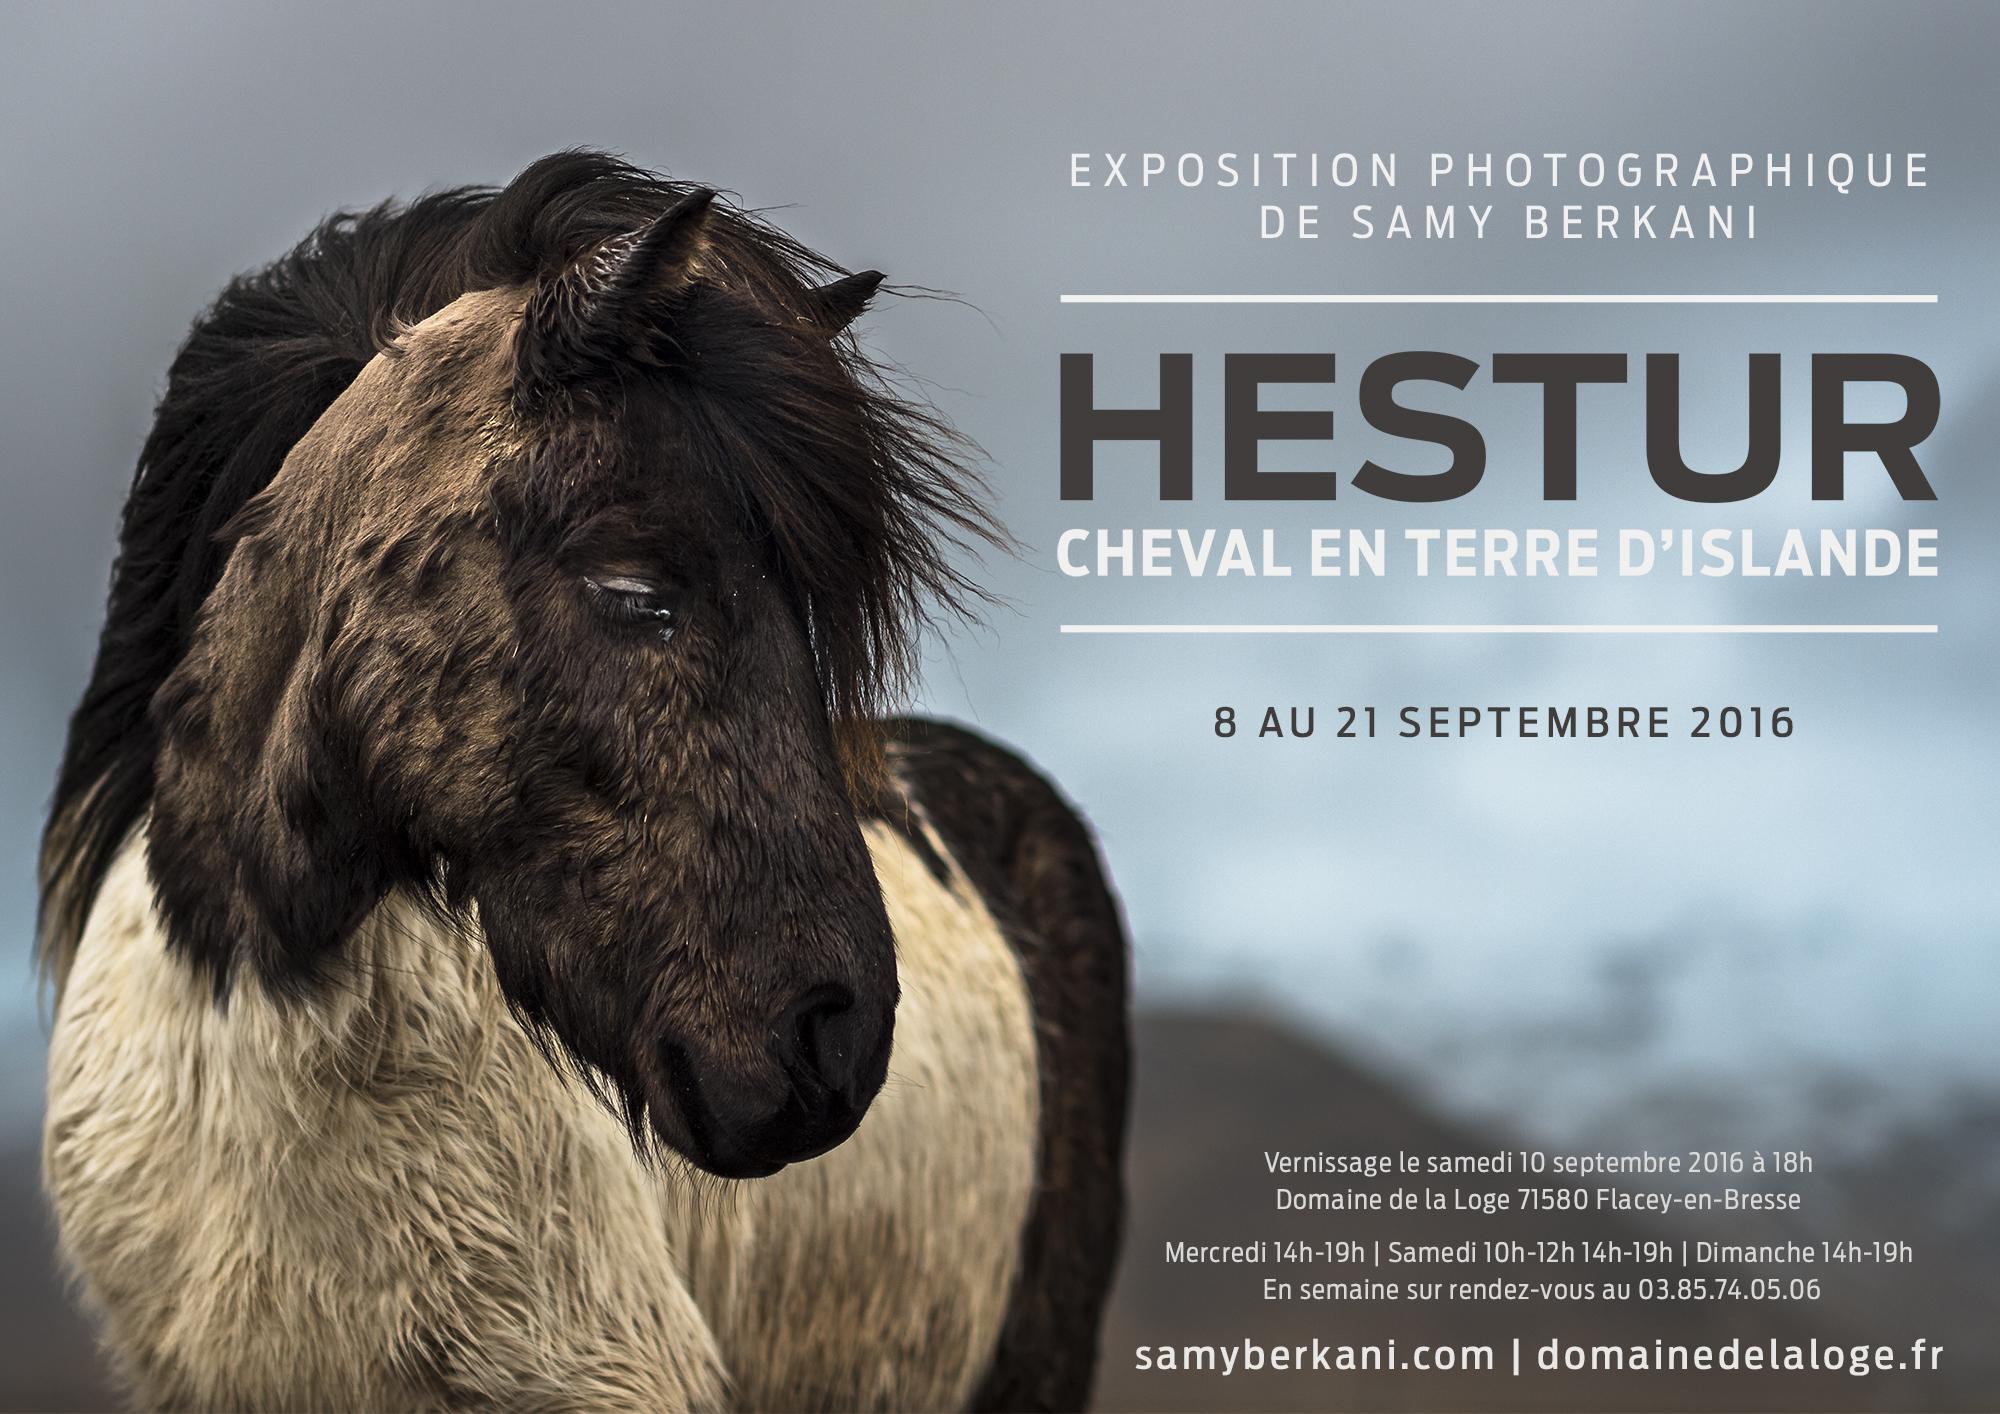 Hestur, le cheval islandais